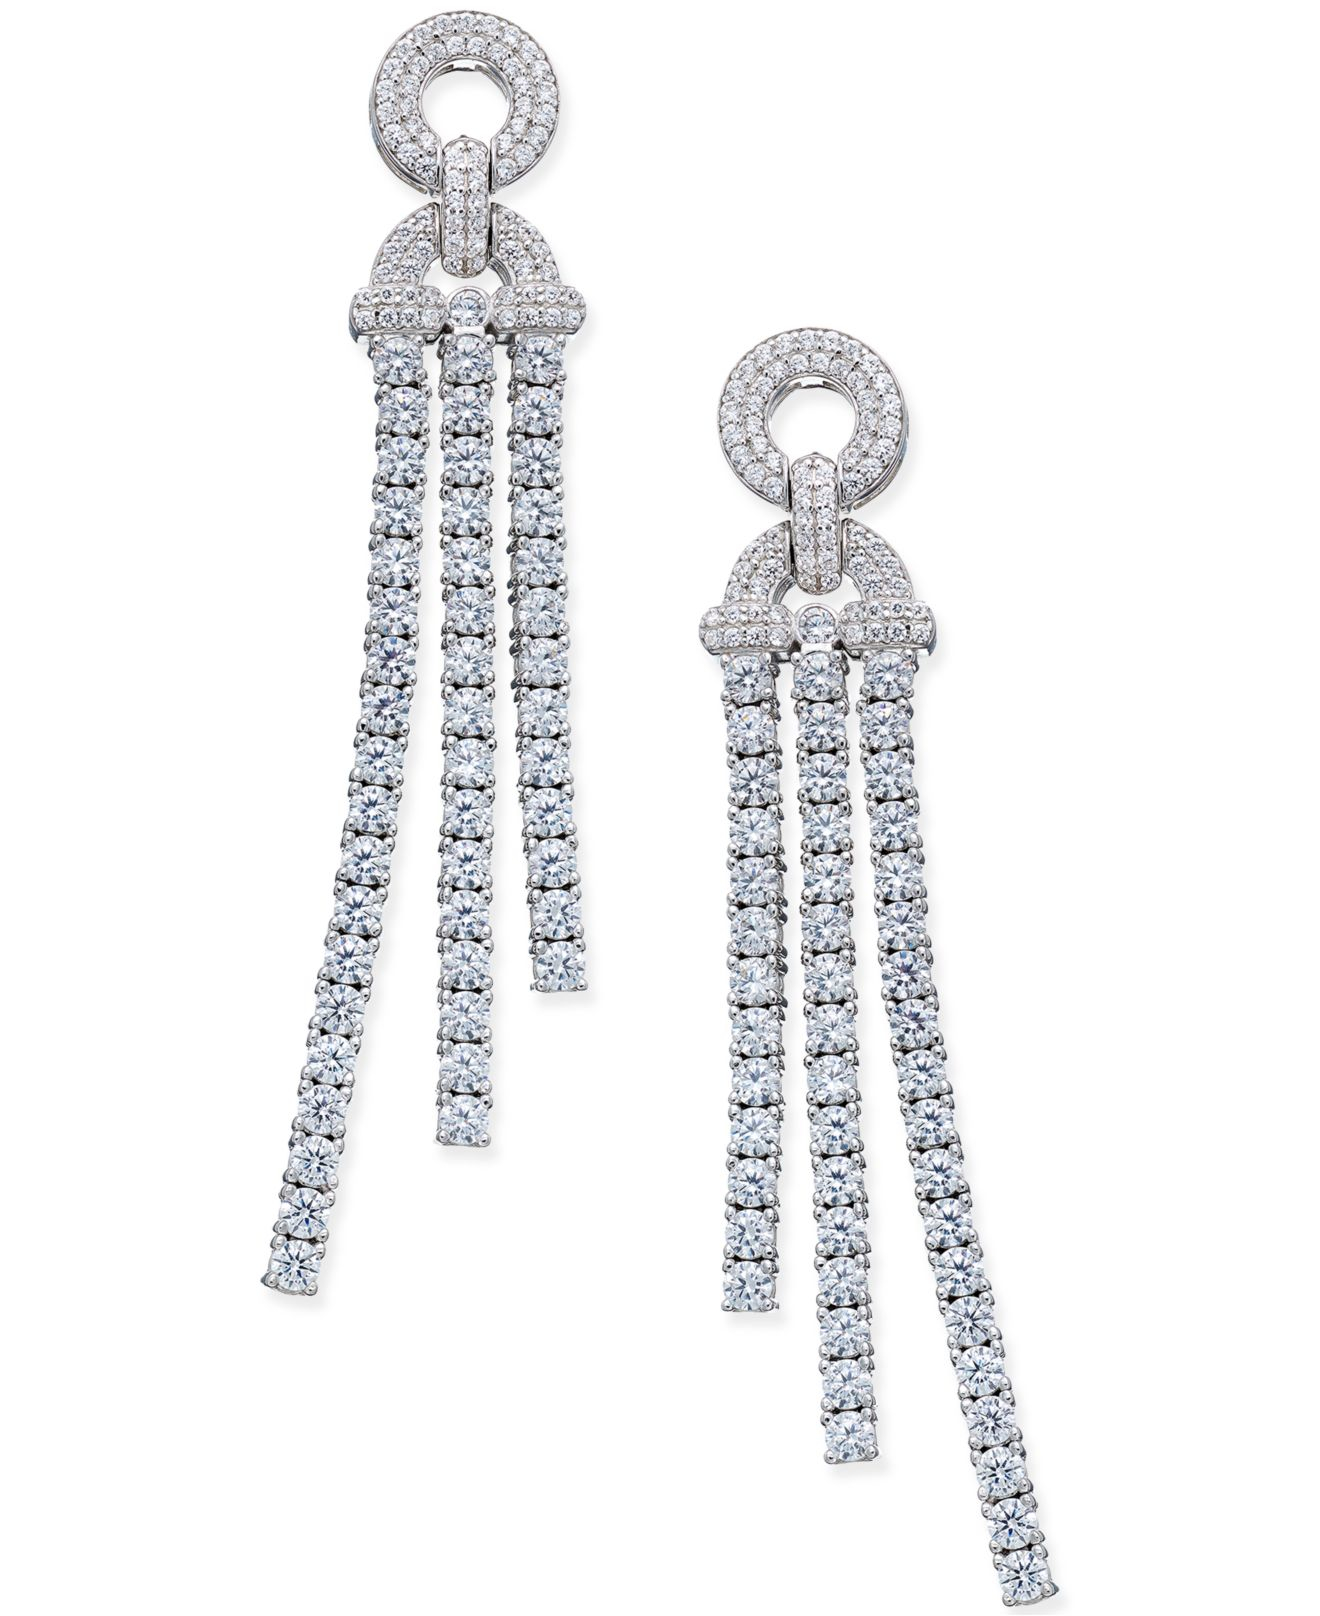 Macy s Diamond Dangle Drop Earrings 5 Ct T w In 14k White Gold